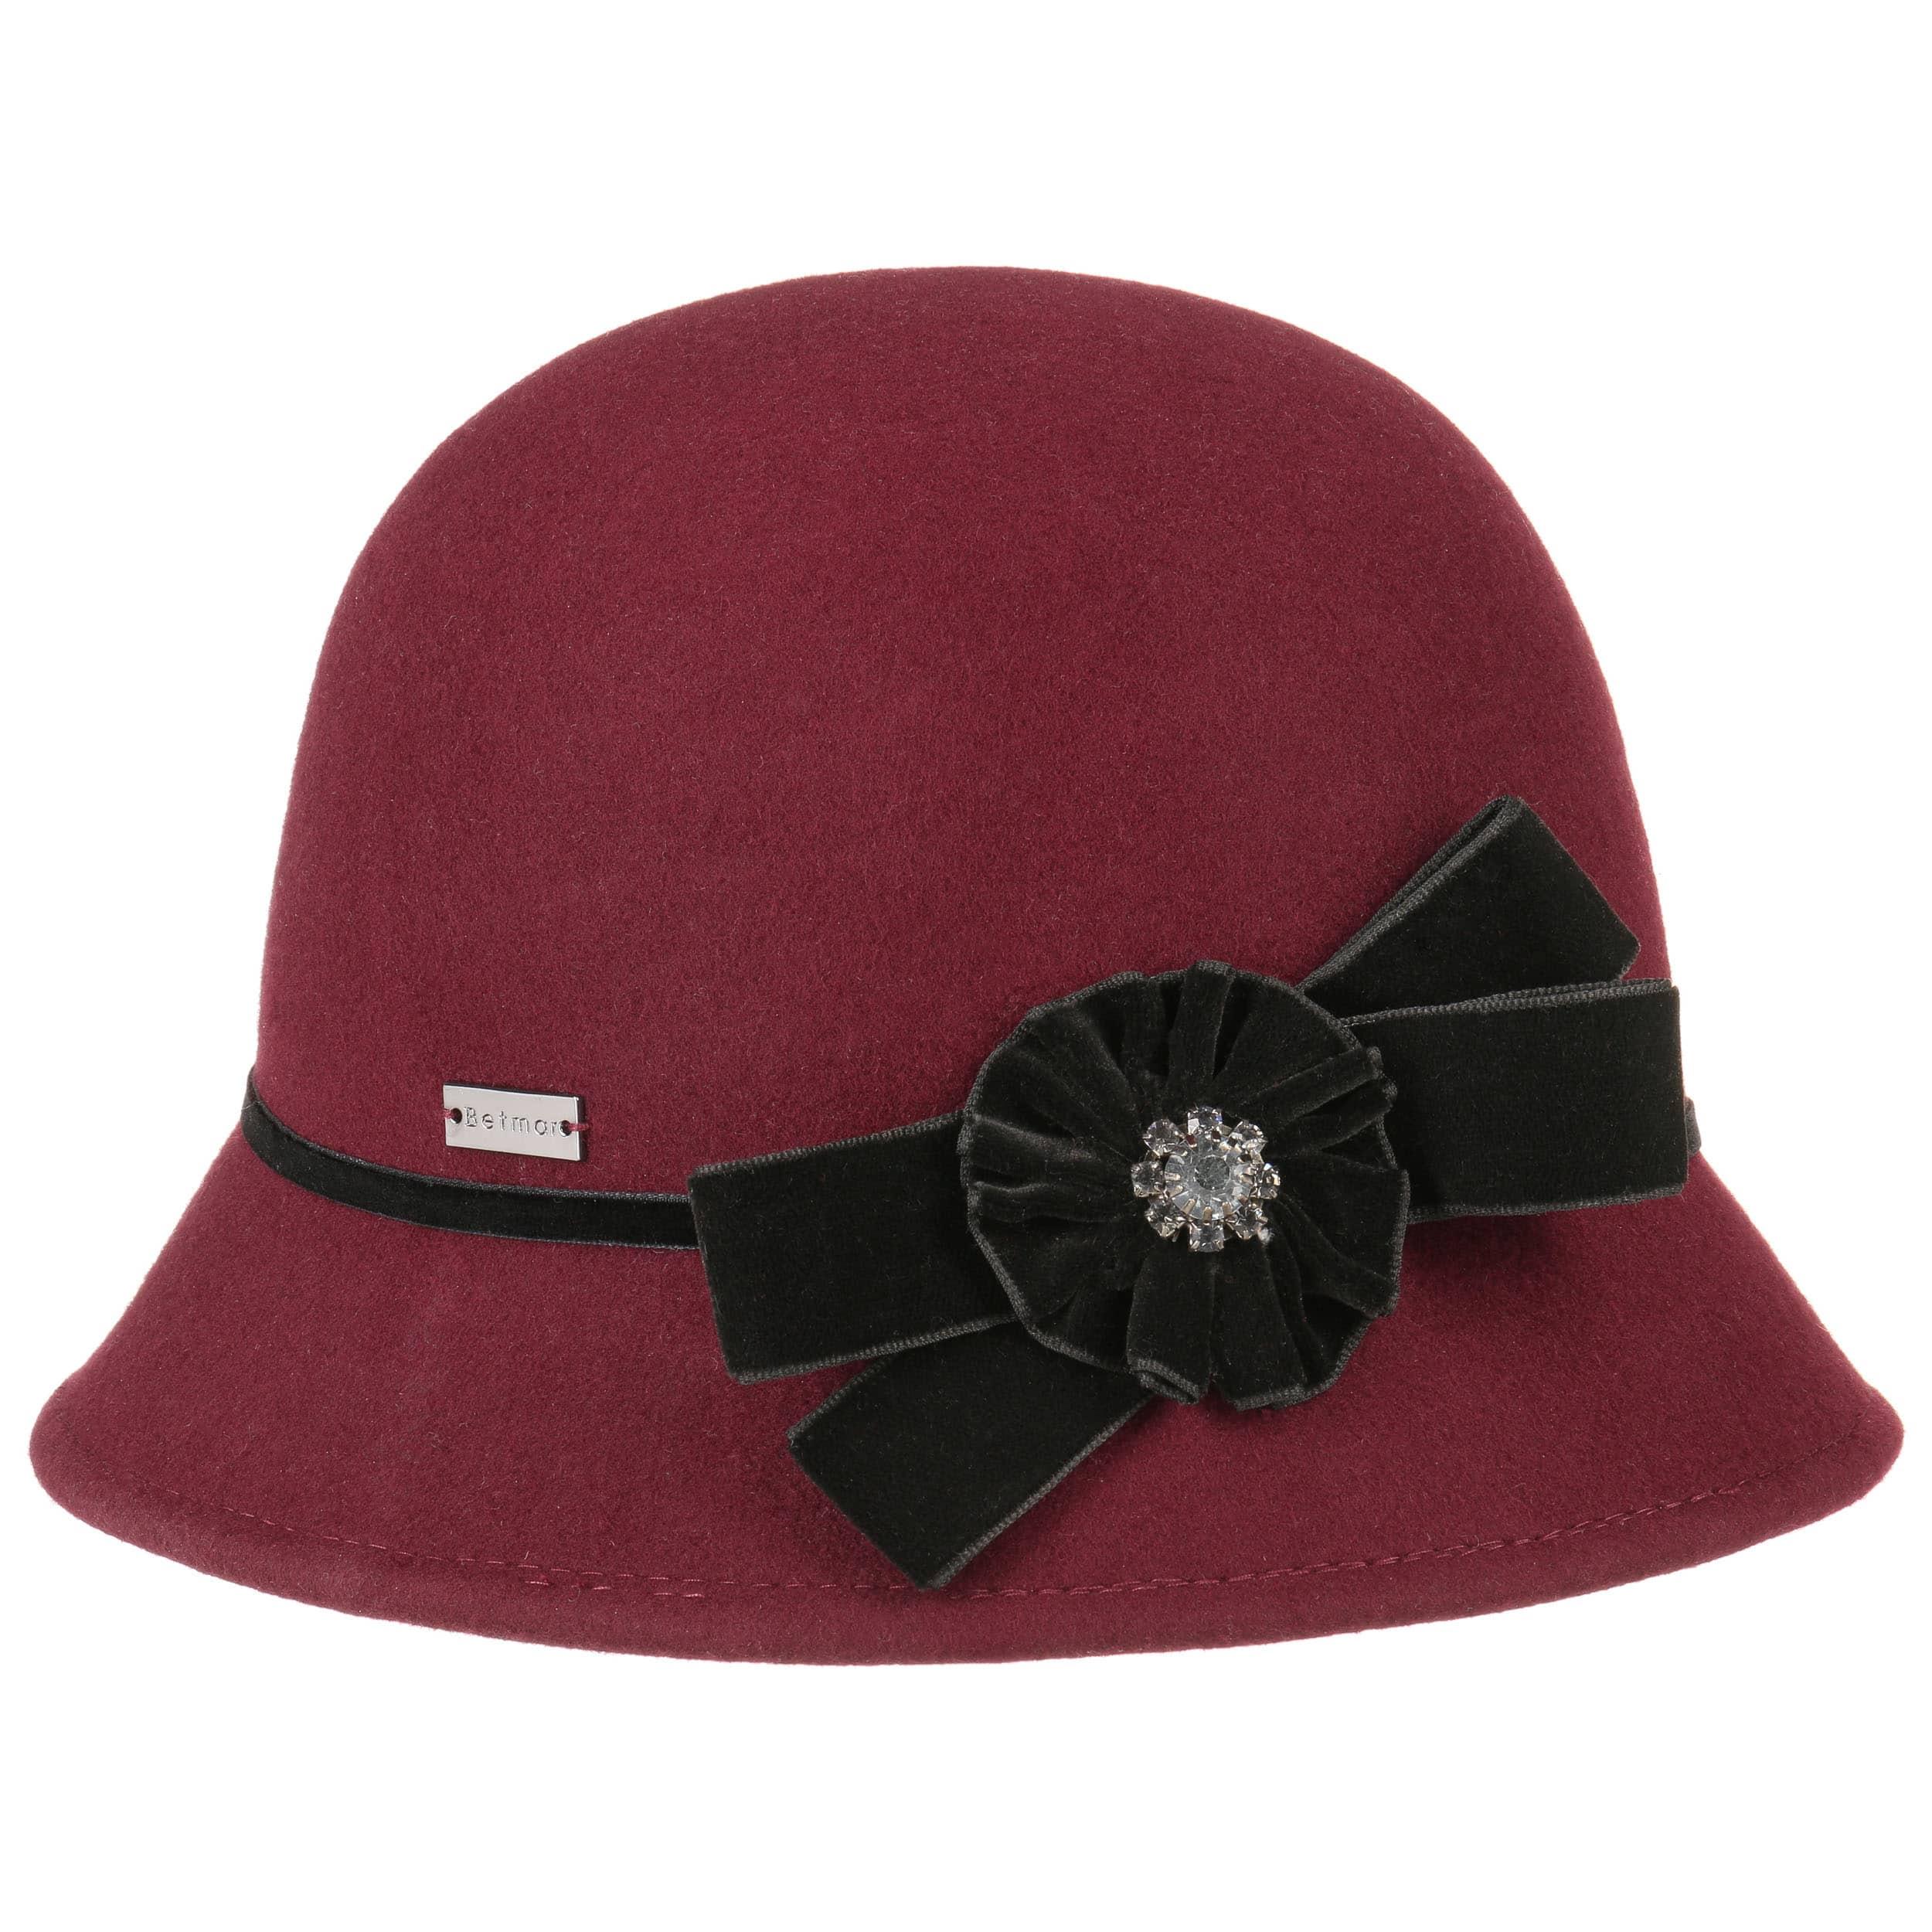 Sombrero Cloché de Mujer Nella by Betmar - Sombreros - sombreroshop.es 13d8bf927e7